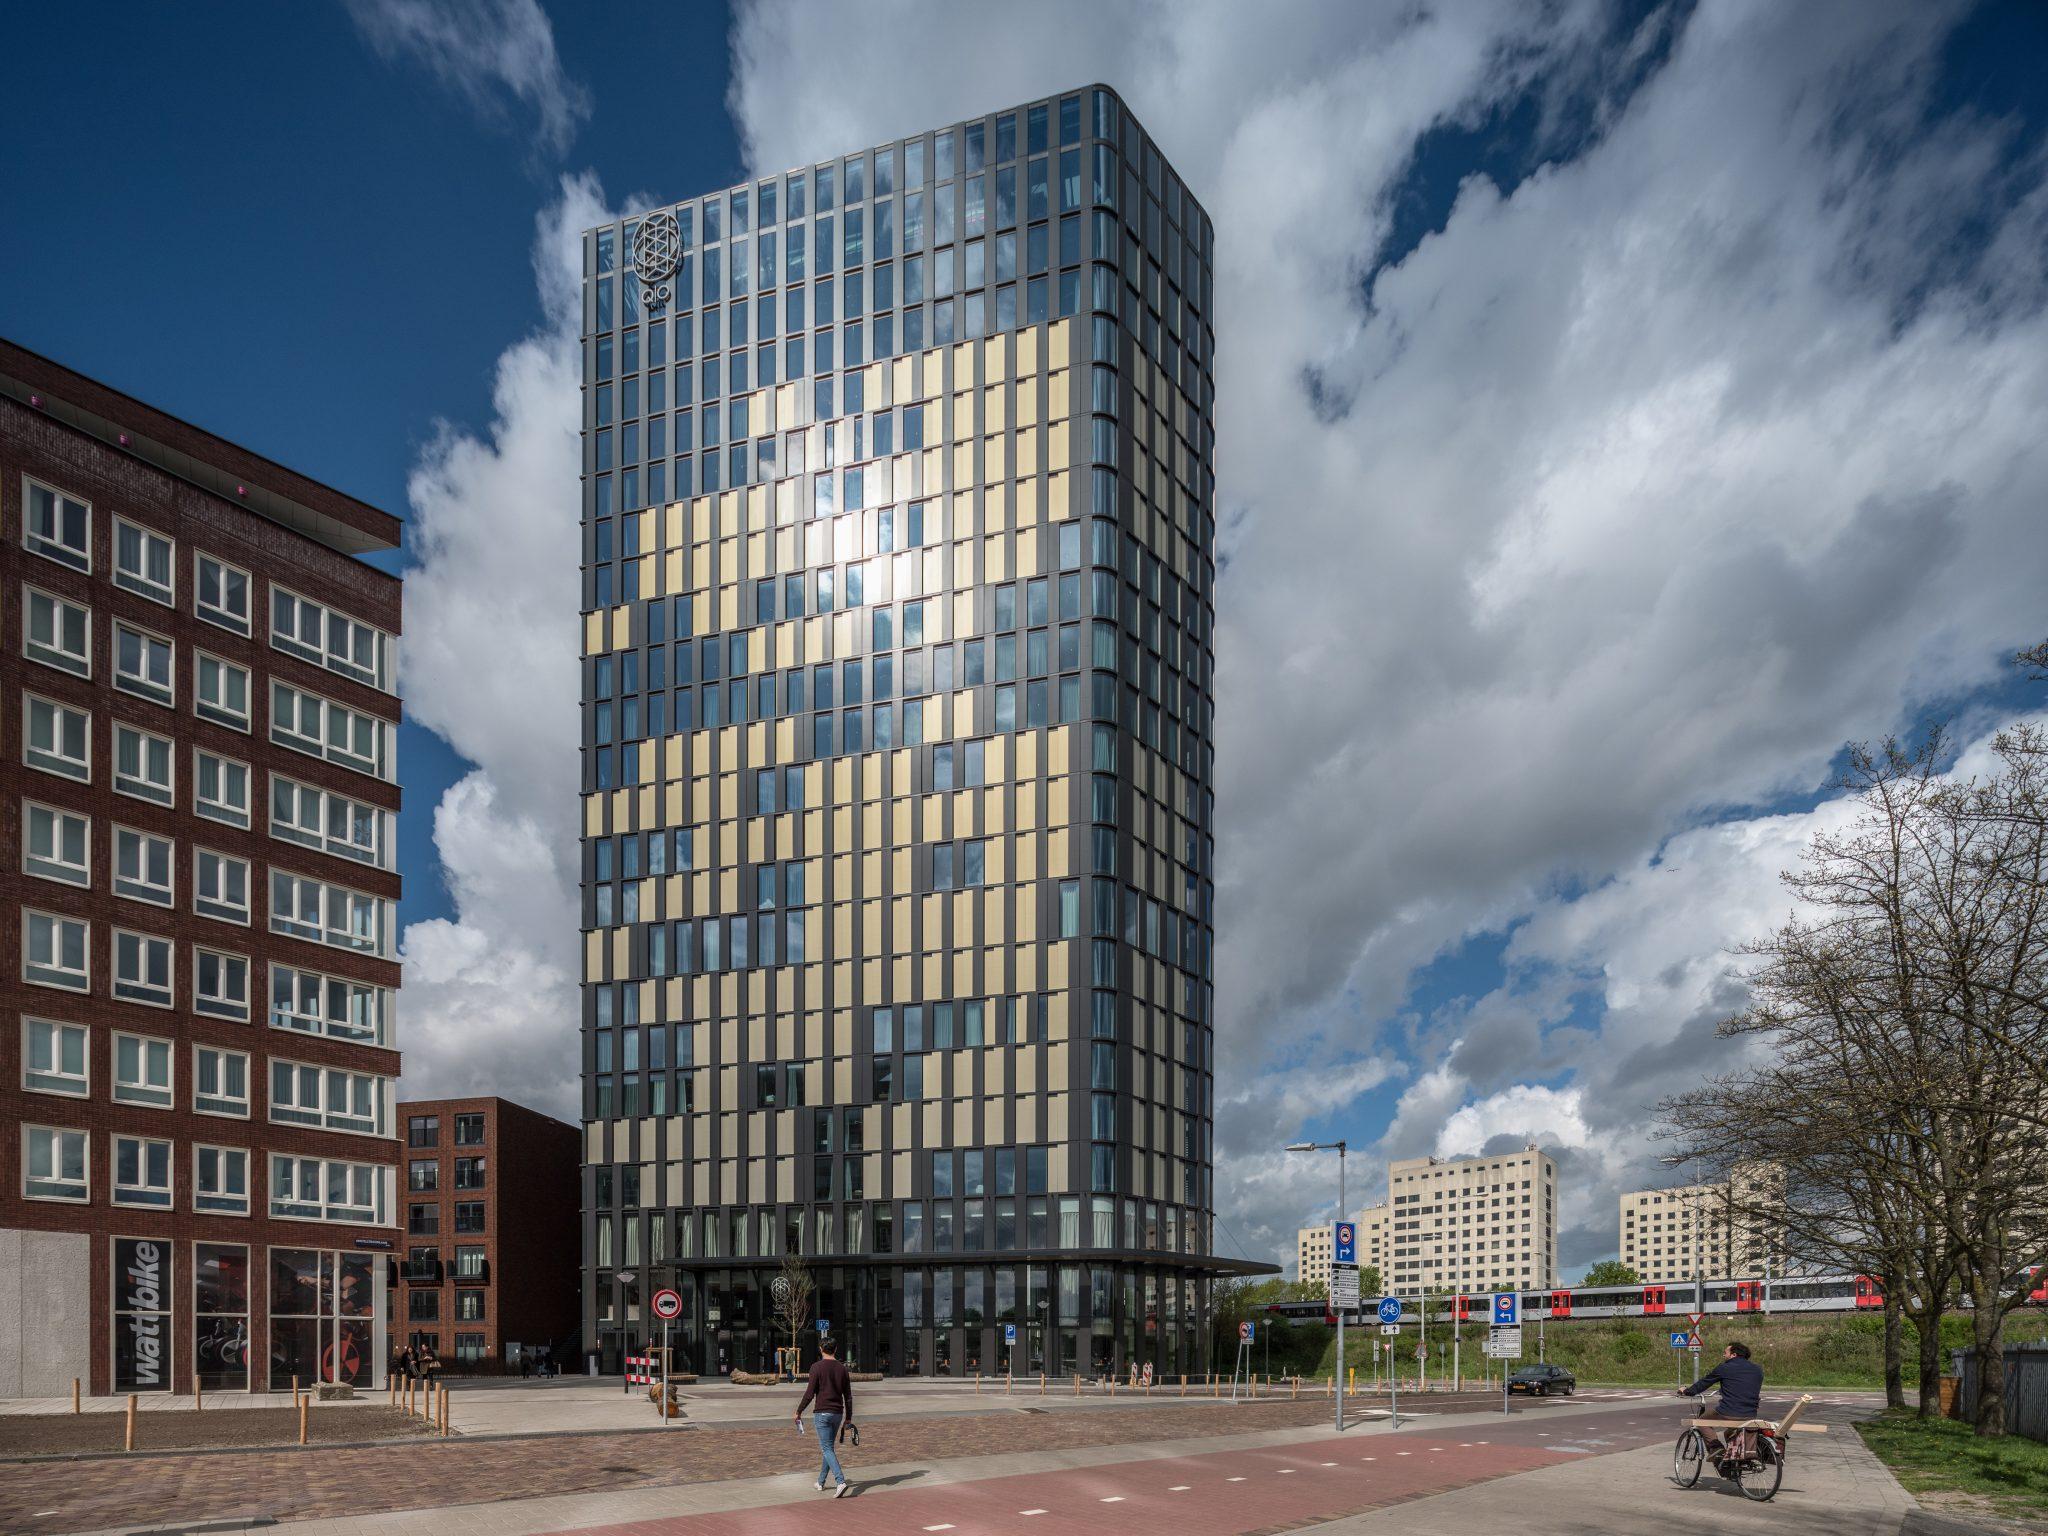 Kameleontische gevel QO hotel Amsterdam_Foto Ossip van Duivenbode